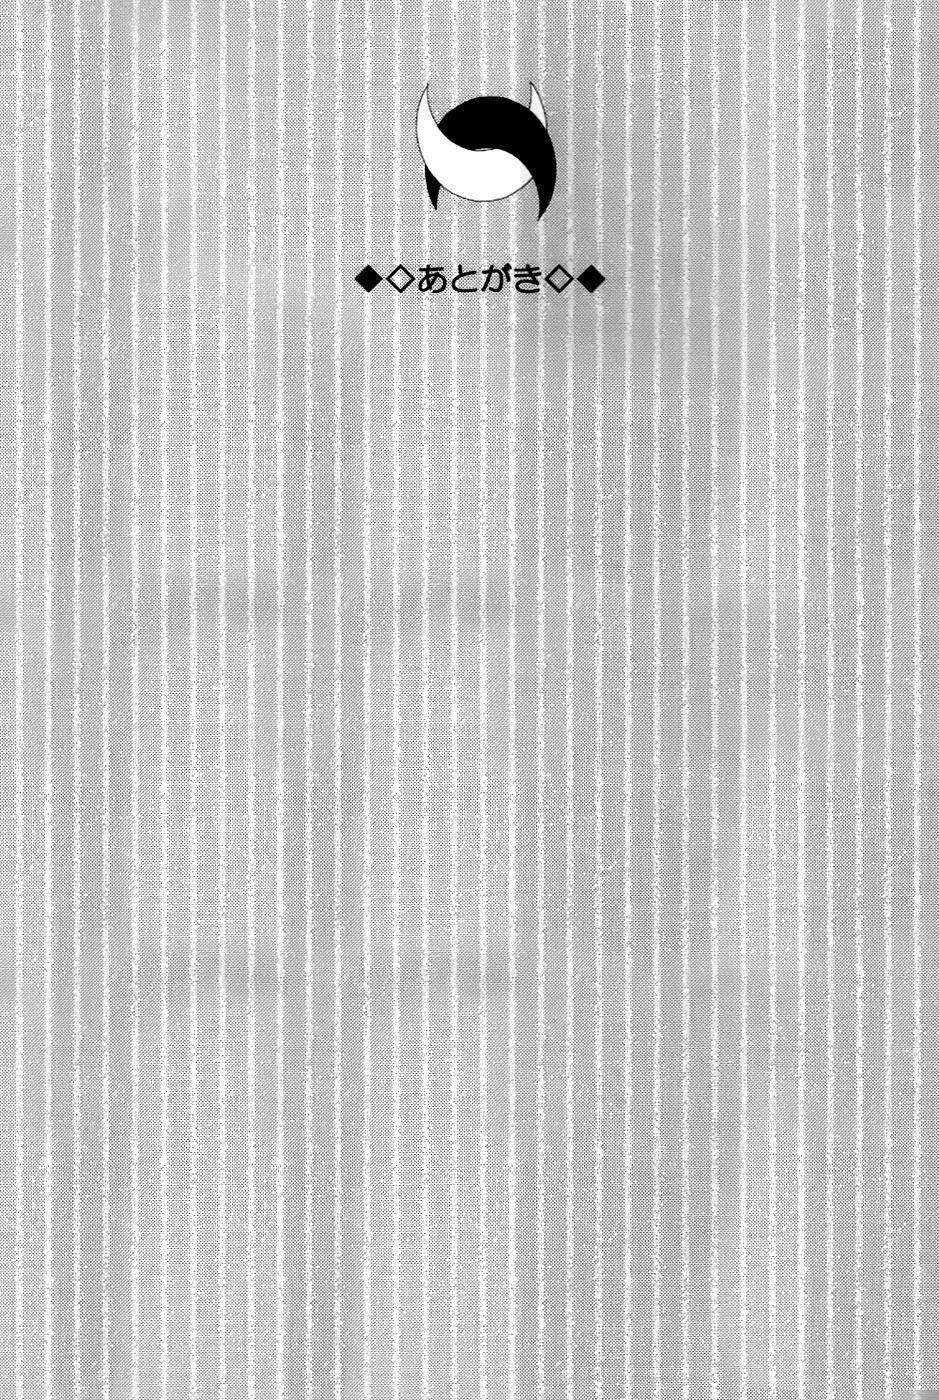 (C82) [MoE (Eiri)] Kuroi Tsuki ni Michibikare (Sailor Moon)english 32